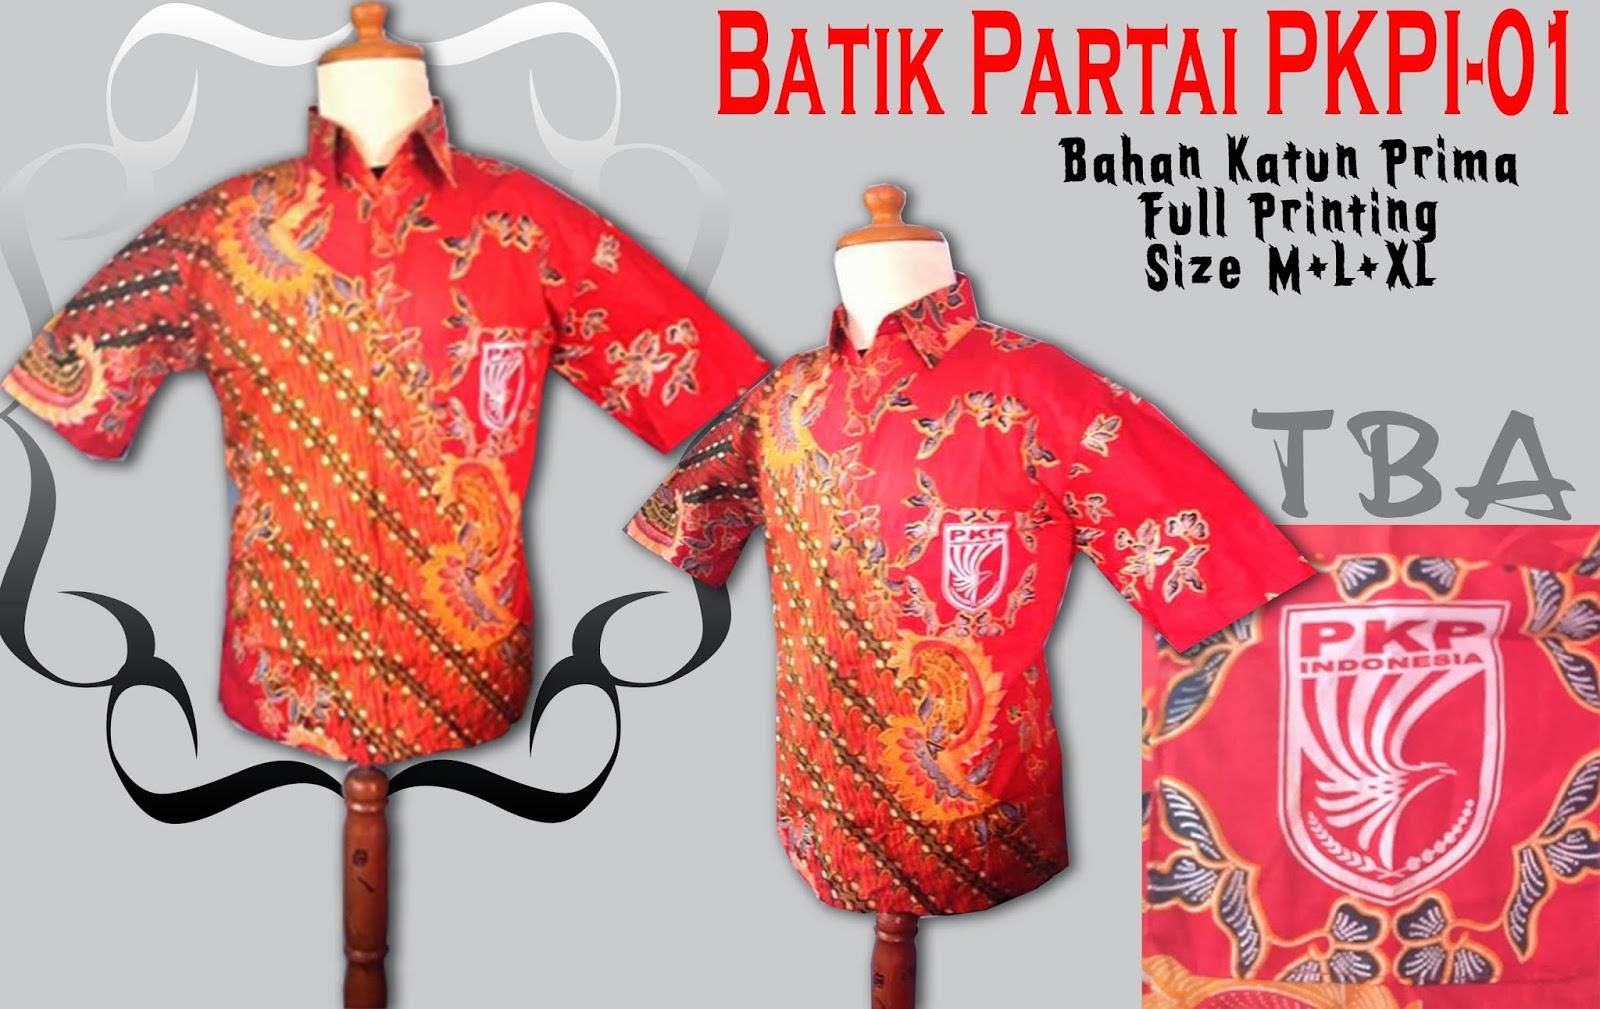 Batik Partai pkpi,seragam partai pkpi,kemeja partai pkpi,konveksi batik